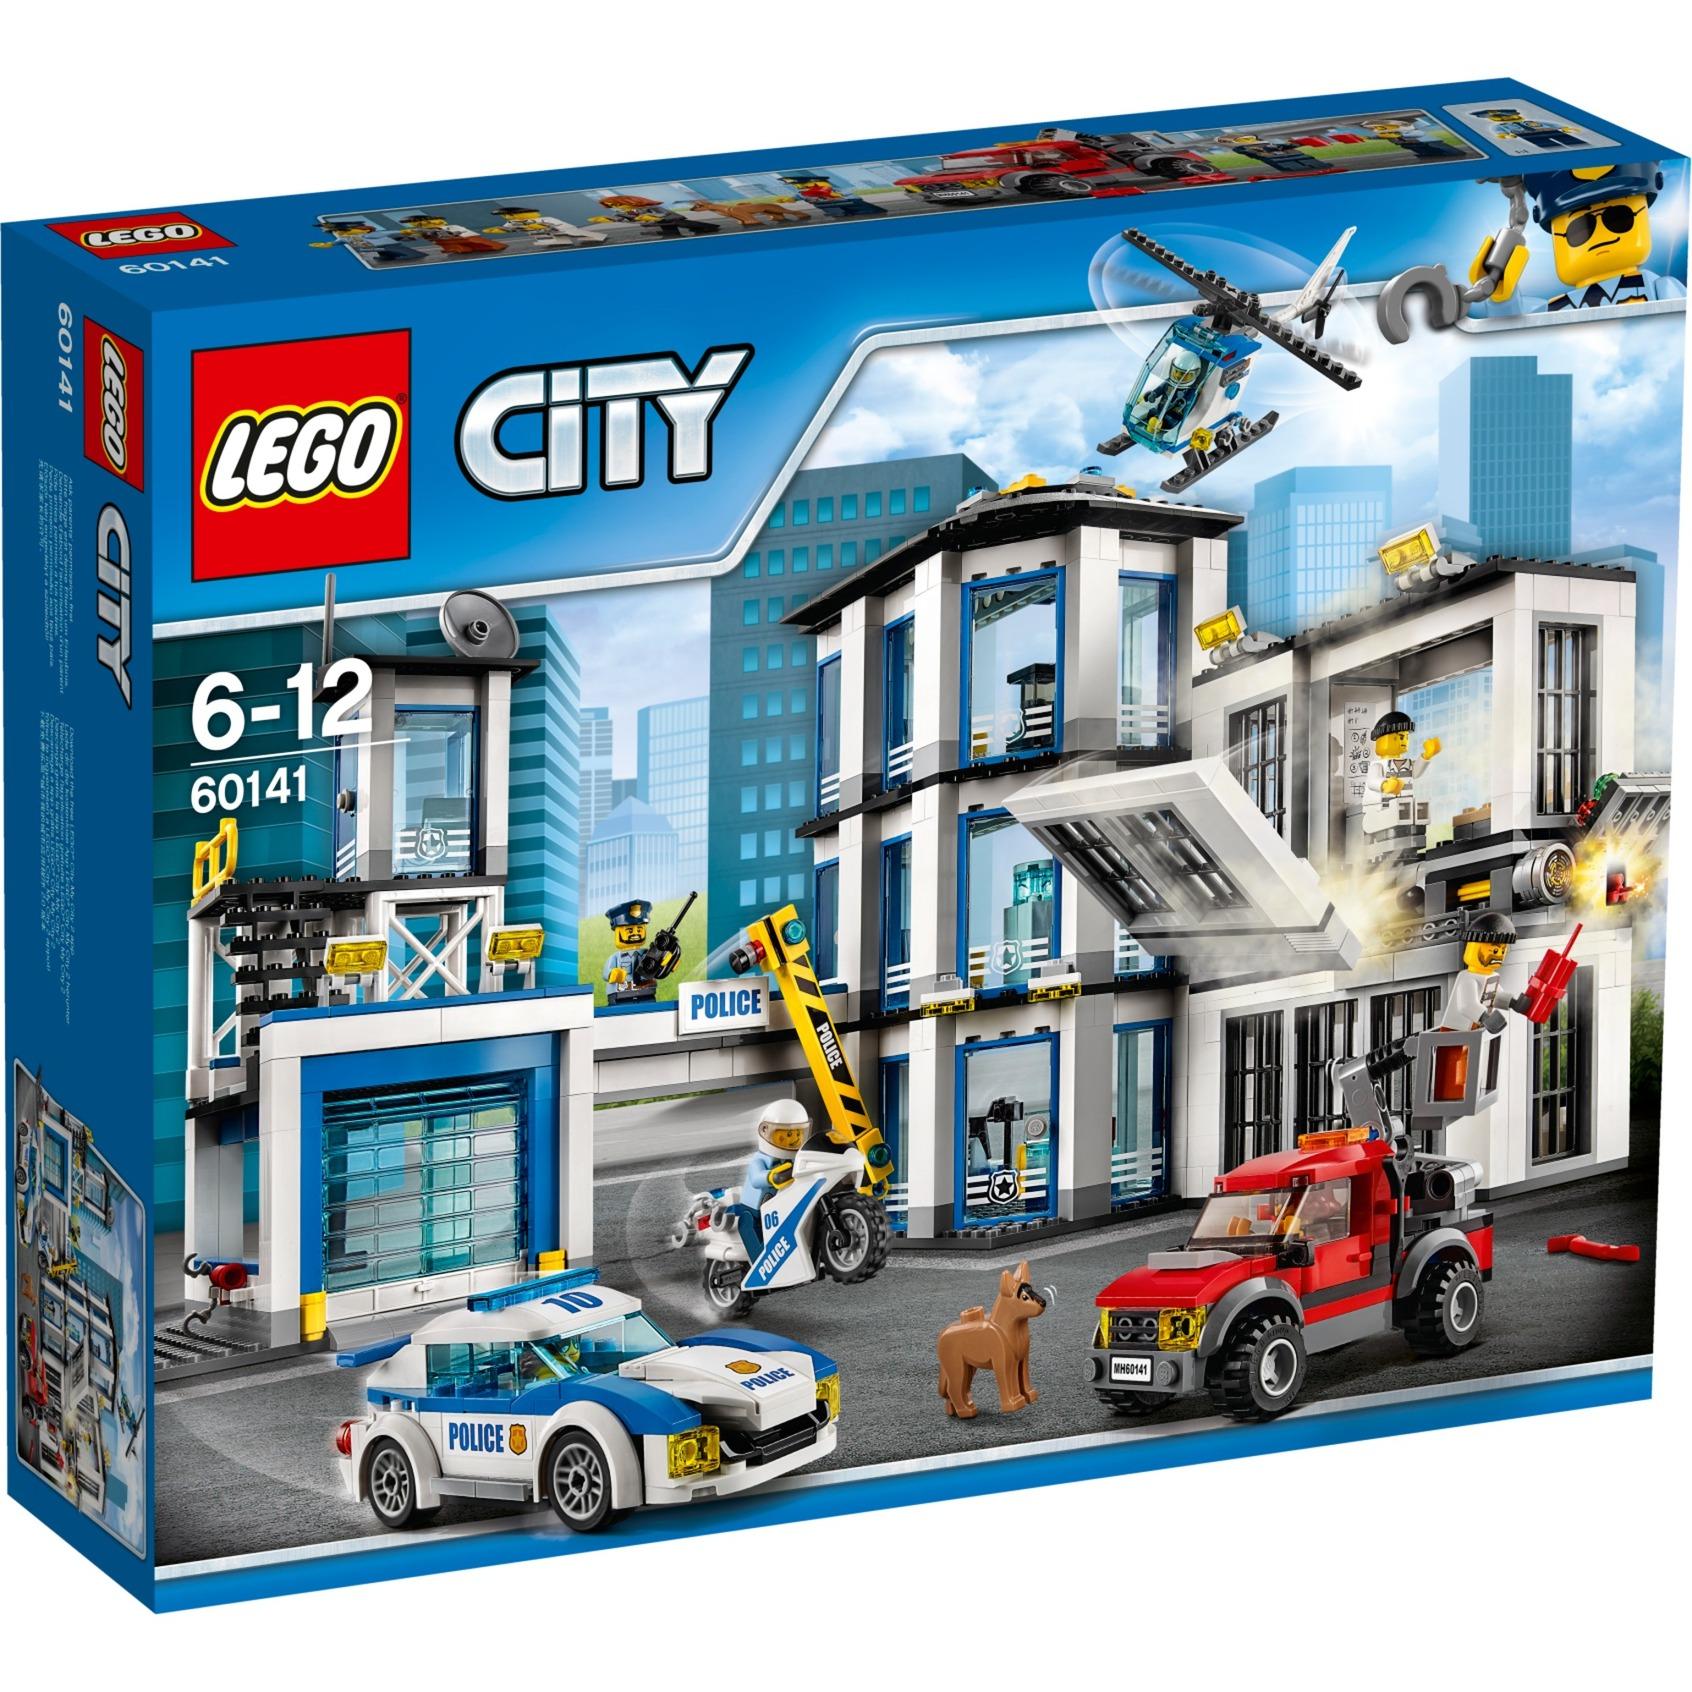 Lego City Comisaria De Policia Juegos De Construccion Multicolor 6